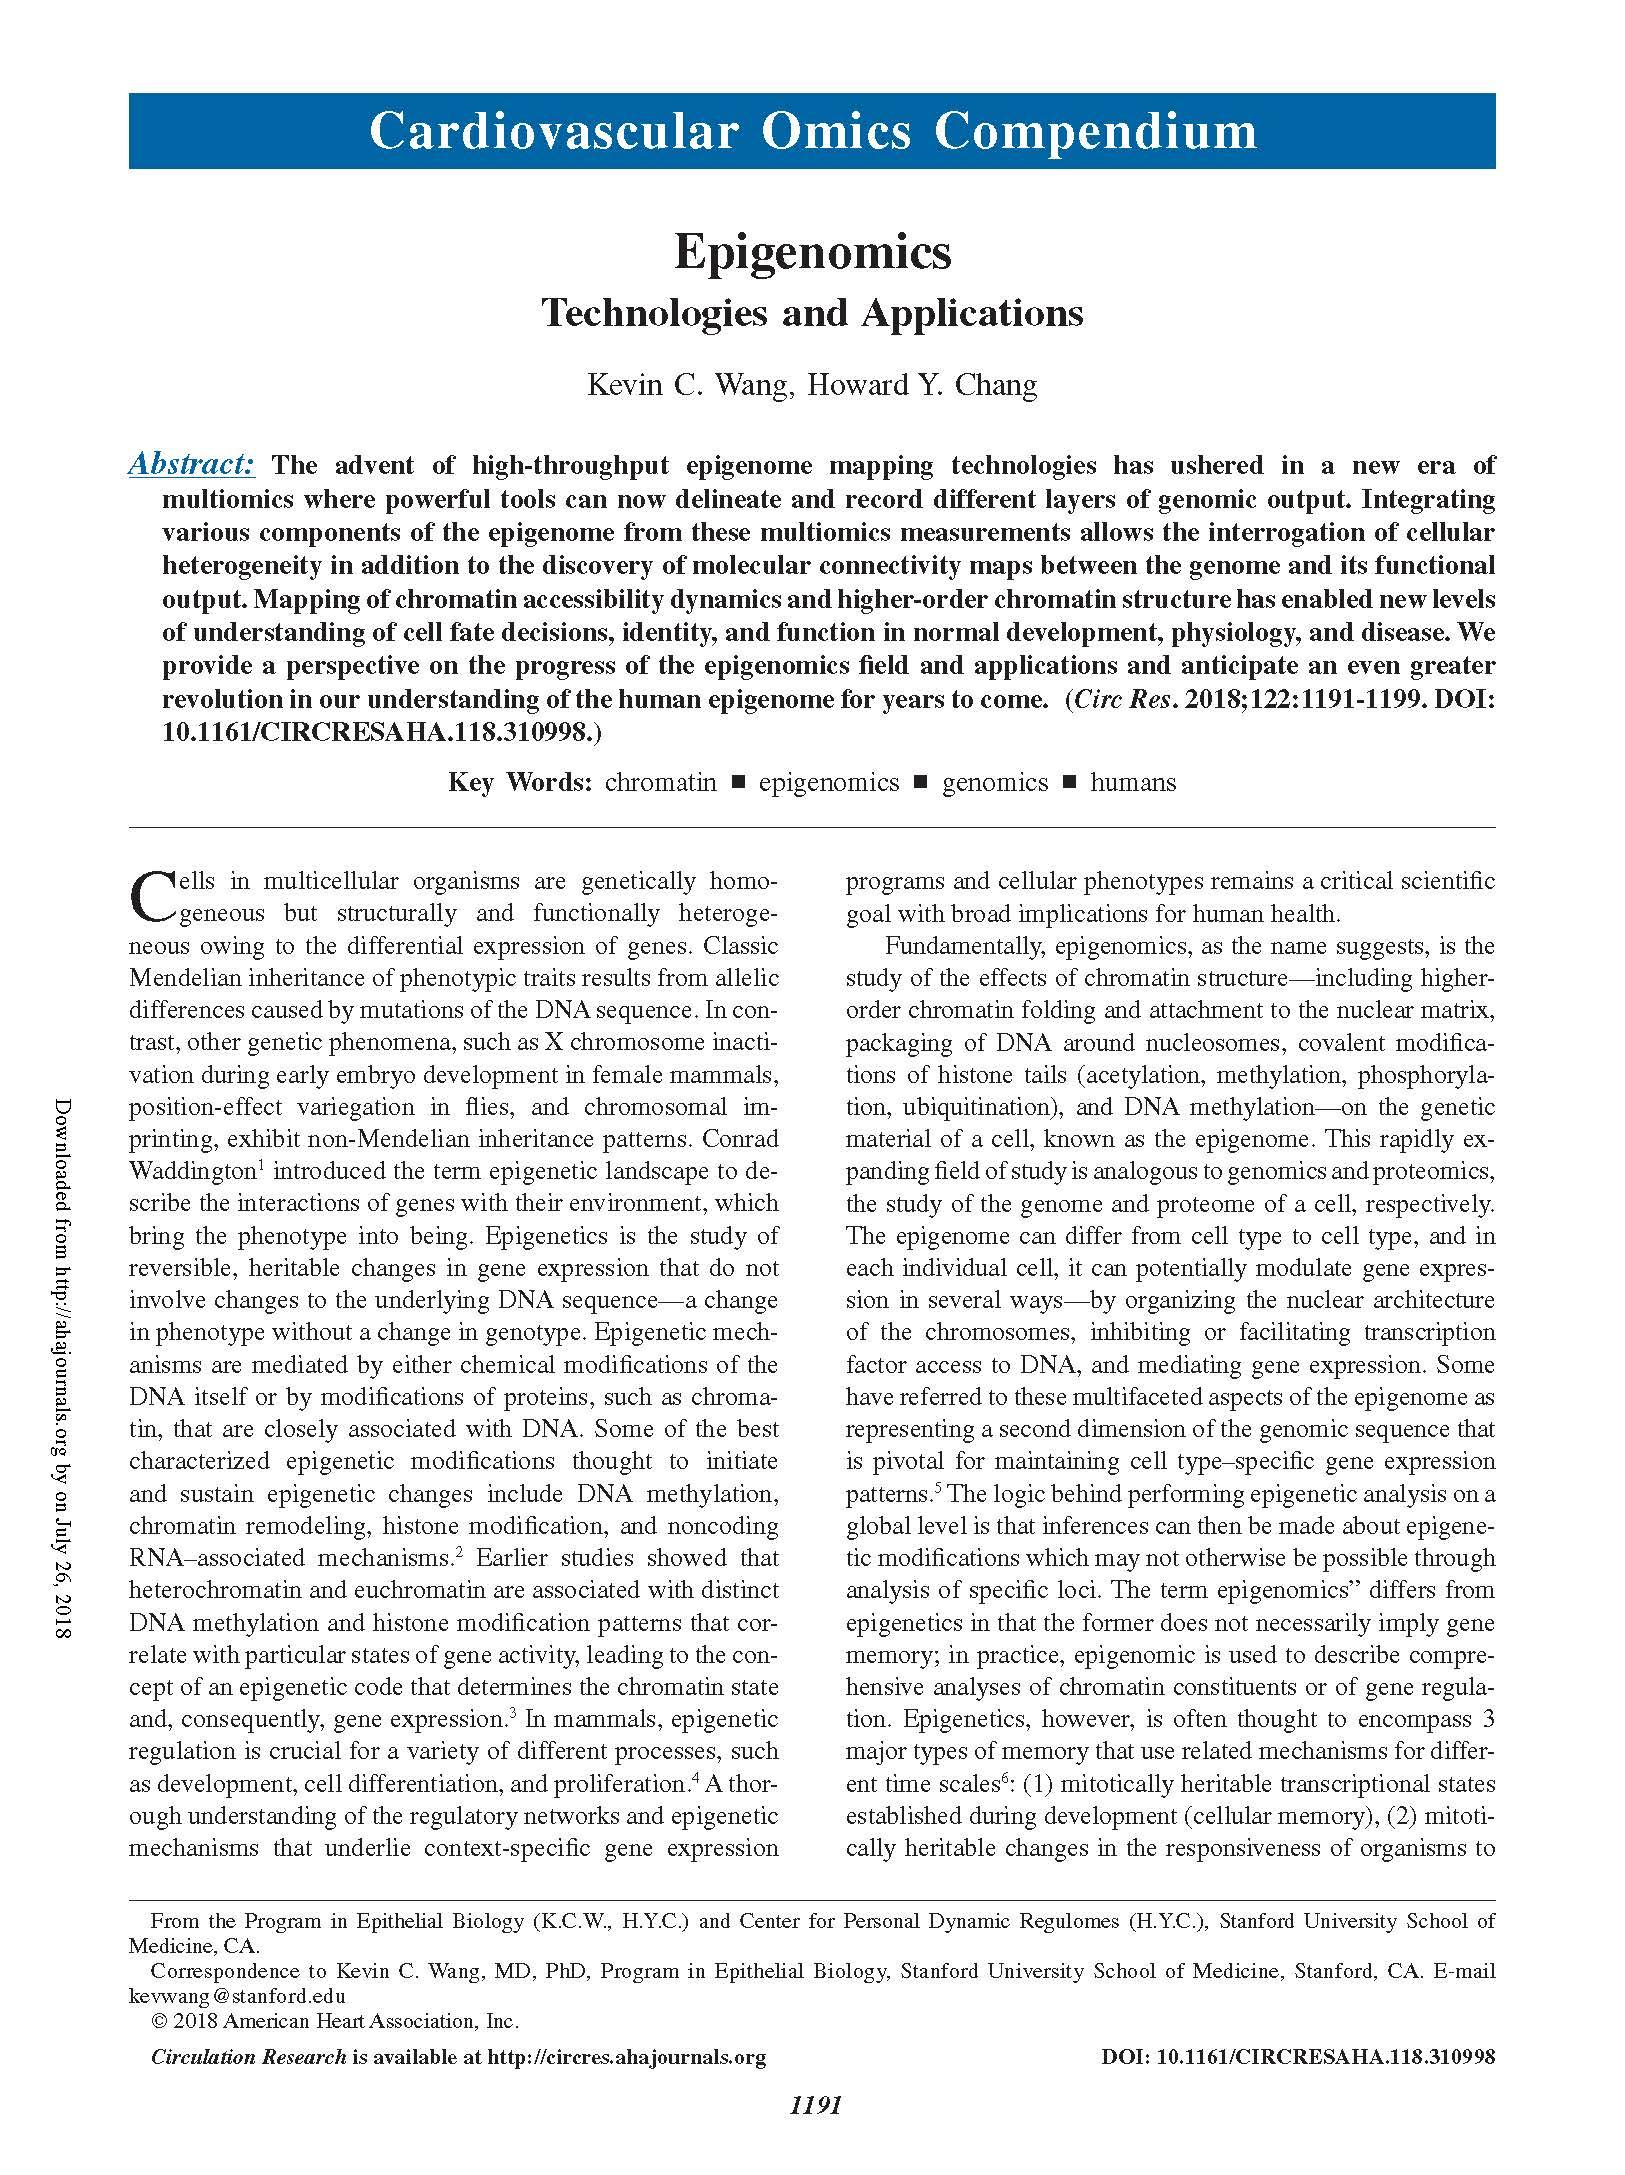 Epigenomics_Page_1.jpg